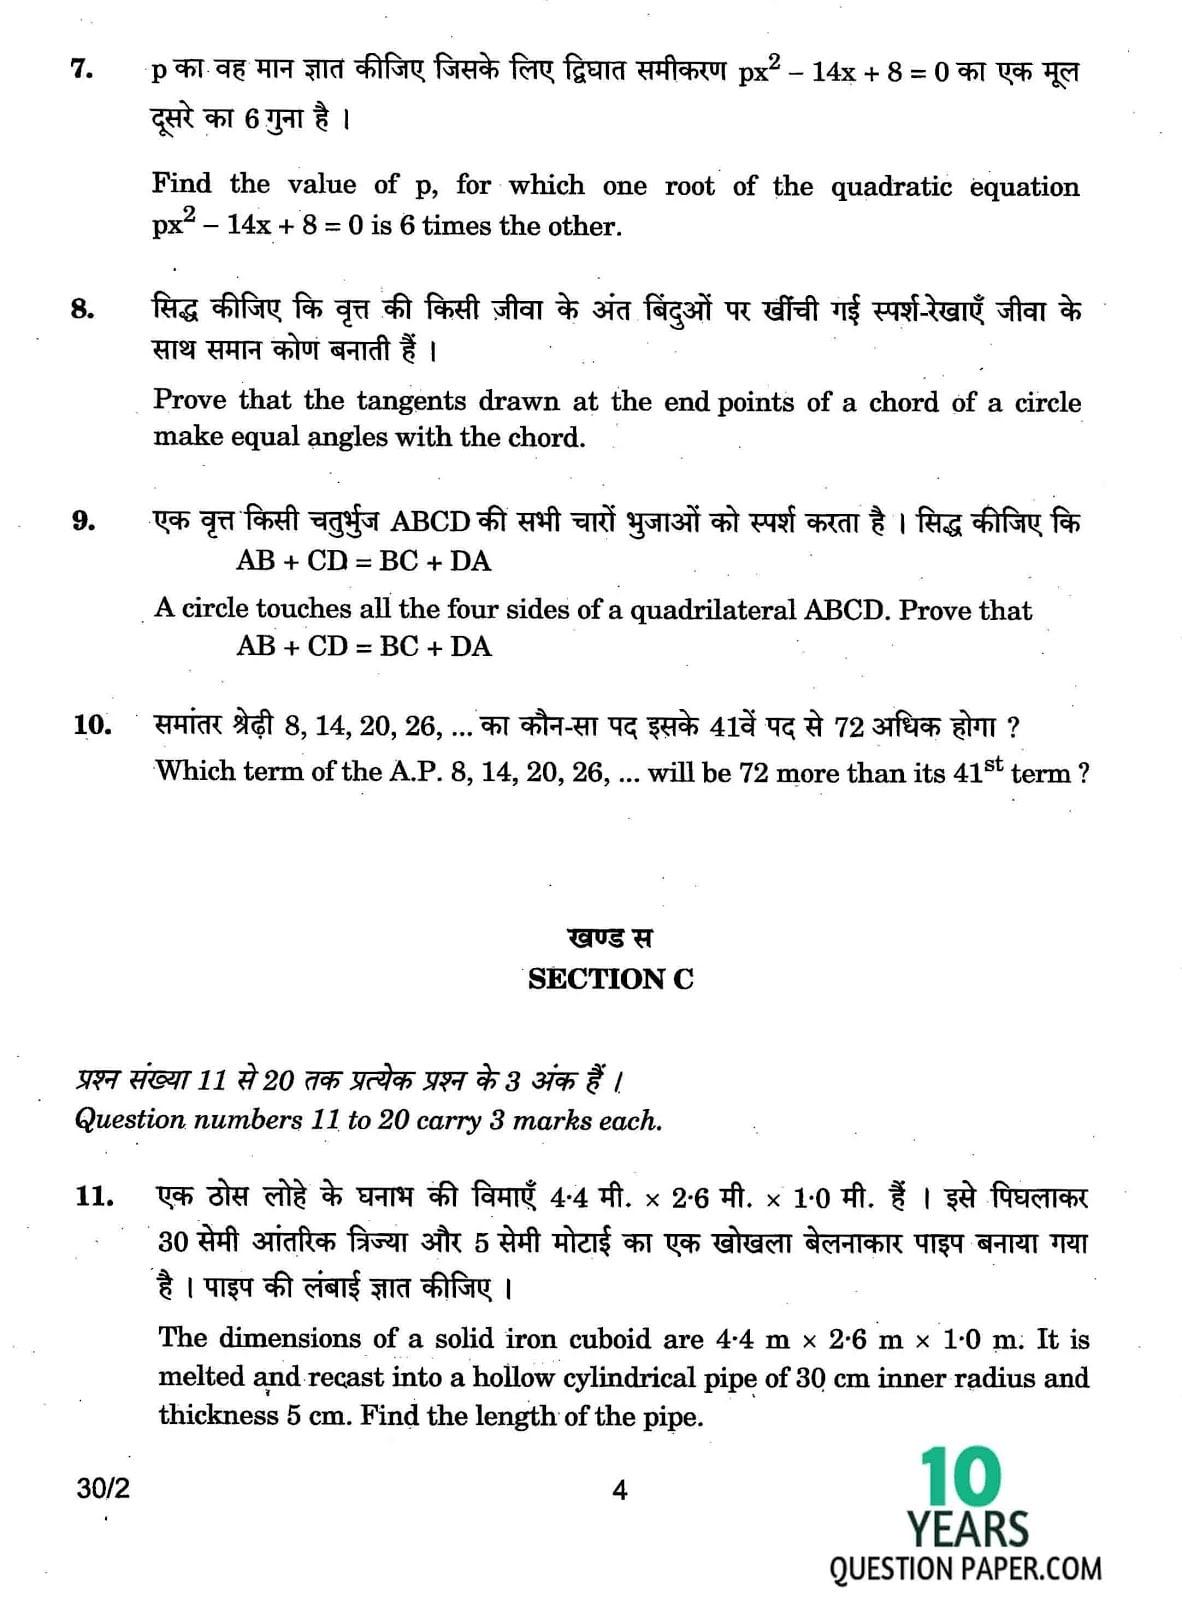 CBSE Class 10 Mathematics 2017 Question Paper